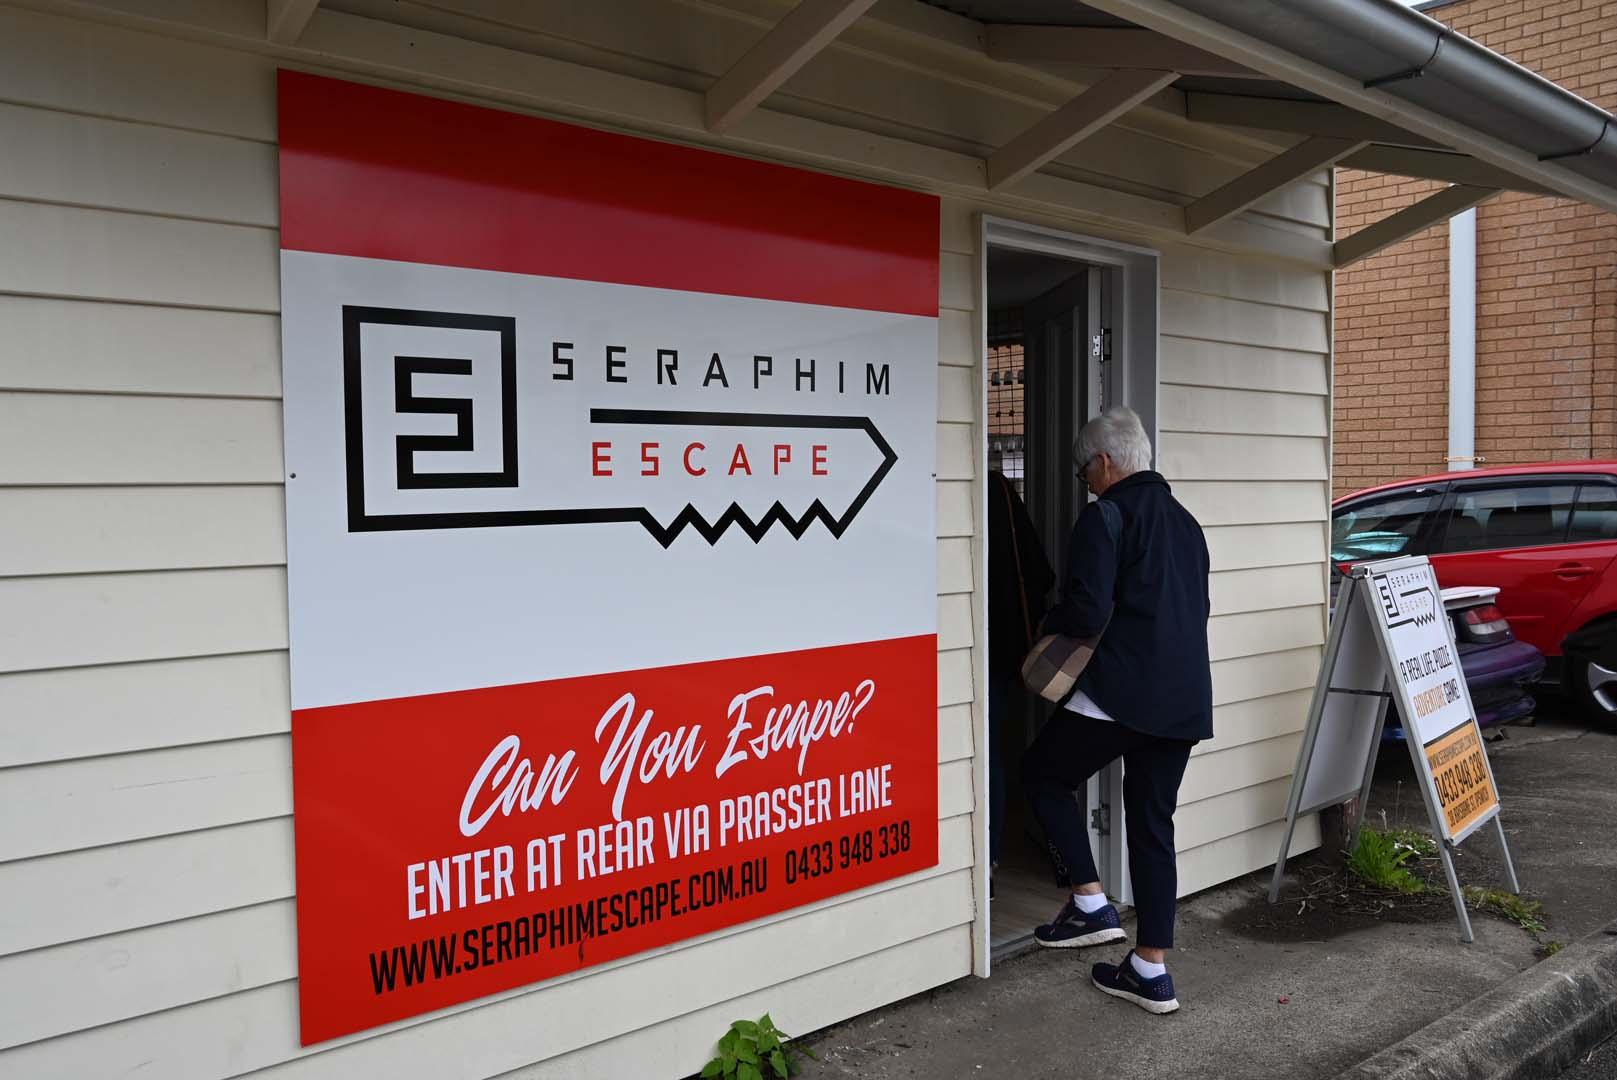 Seraphim Escape sign